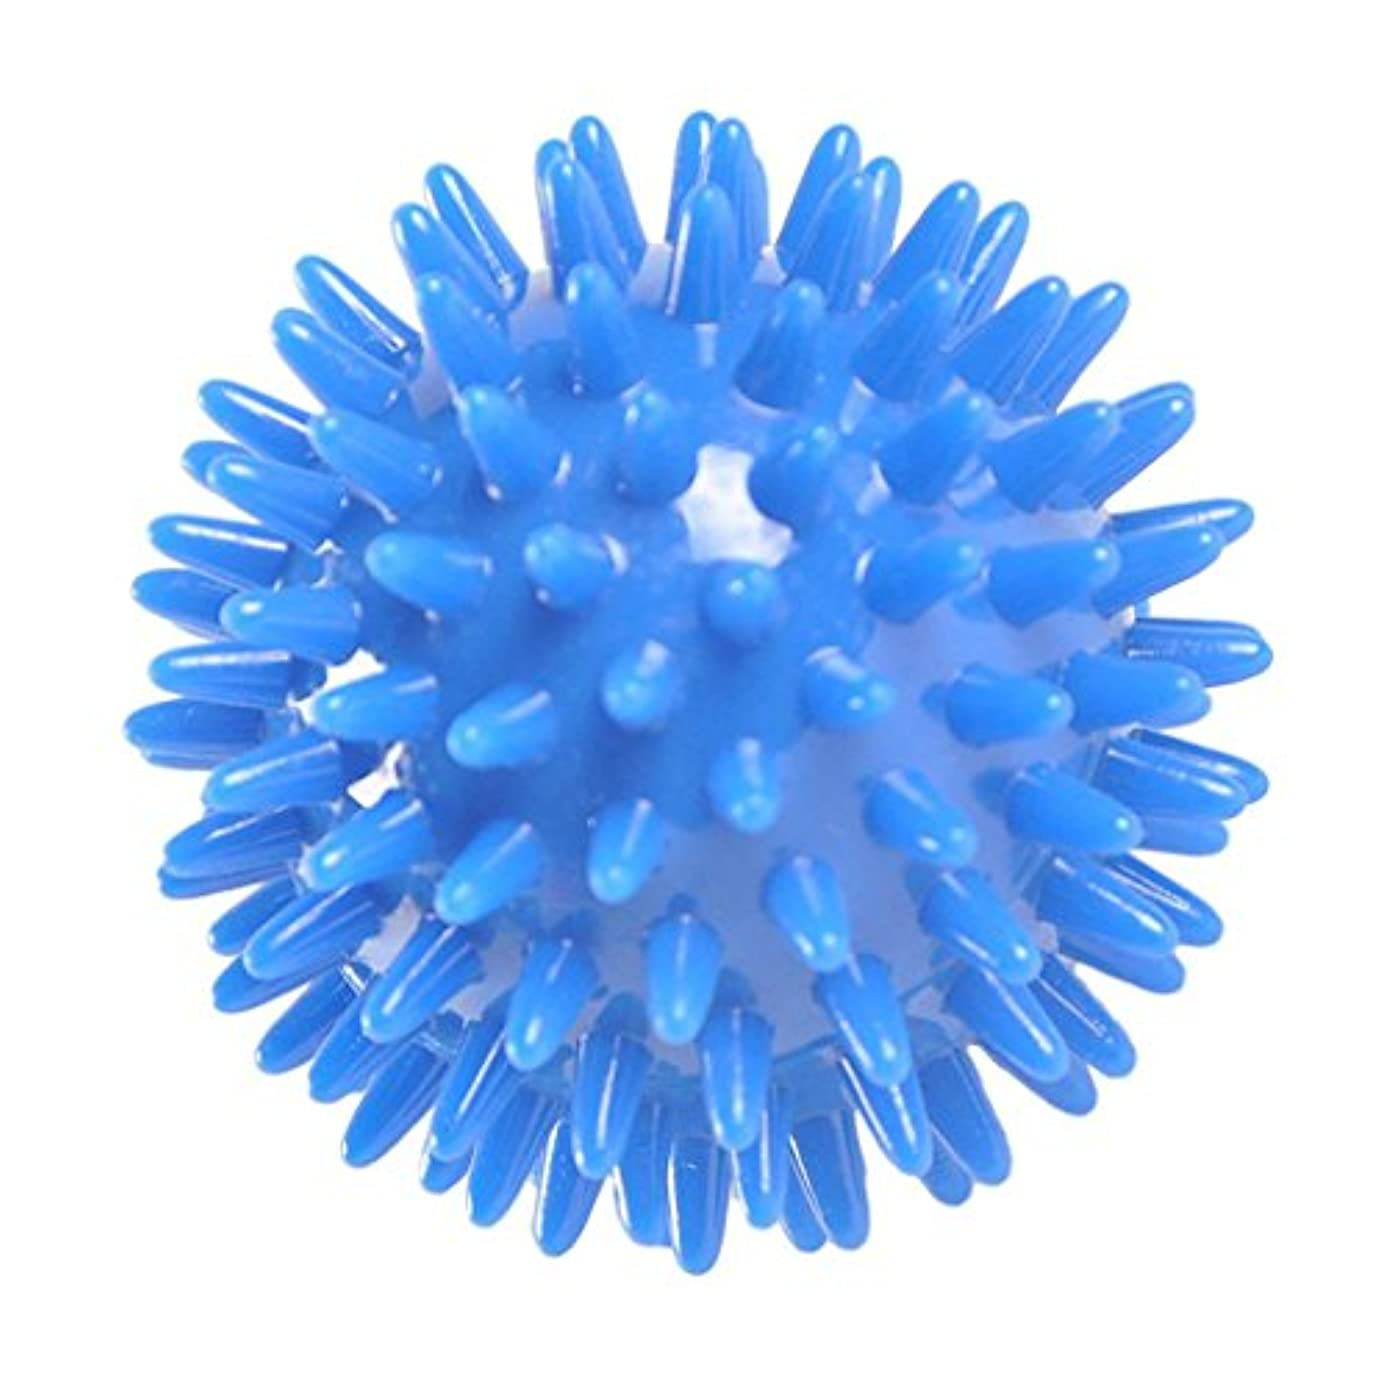 認めるアリ崩壊Fenteer マッサージボール シリコーン マッサージャー ストレス解消 2サイズ選べる - 8cm